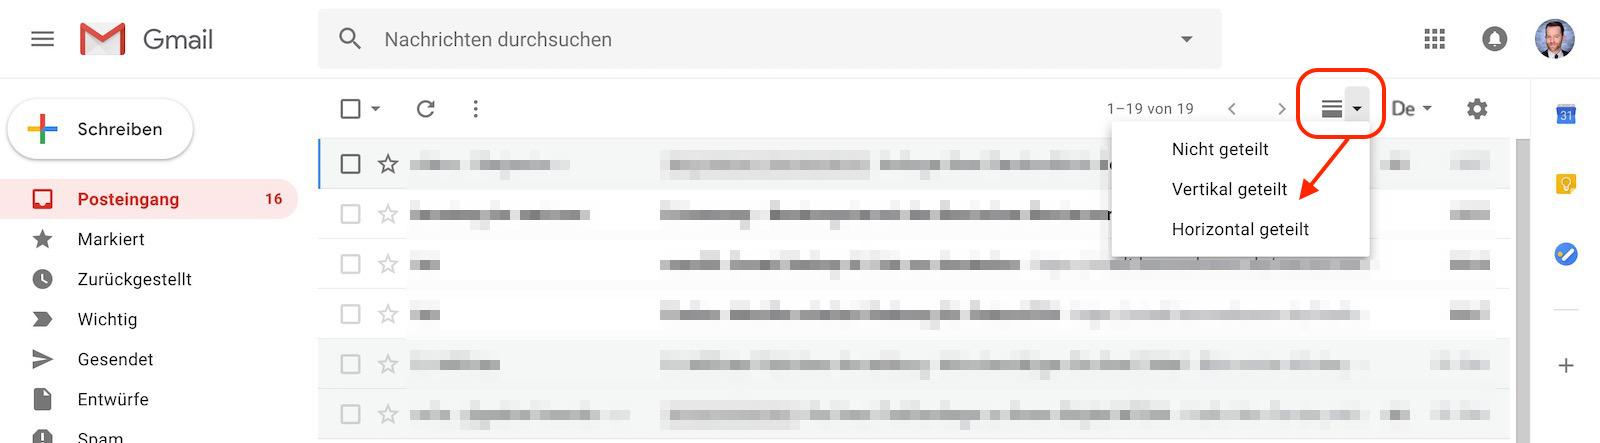 Neues Symbol Fenster teilen/nicht teilen in Gmail